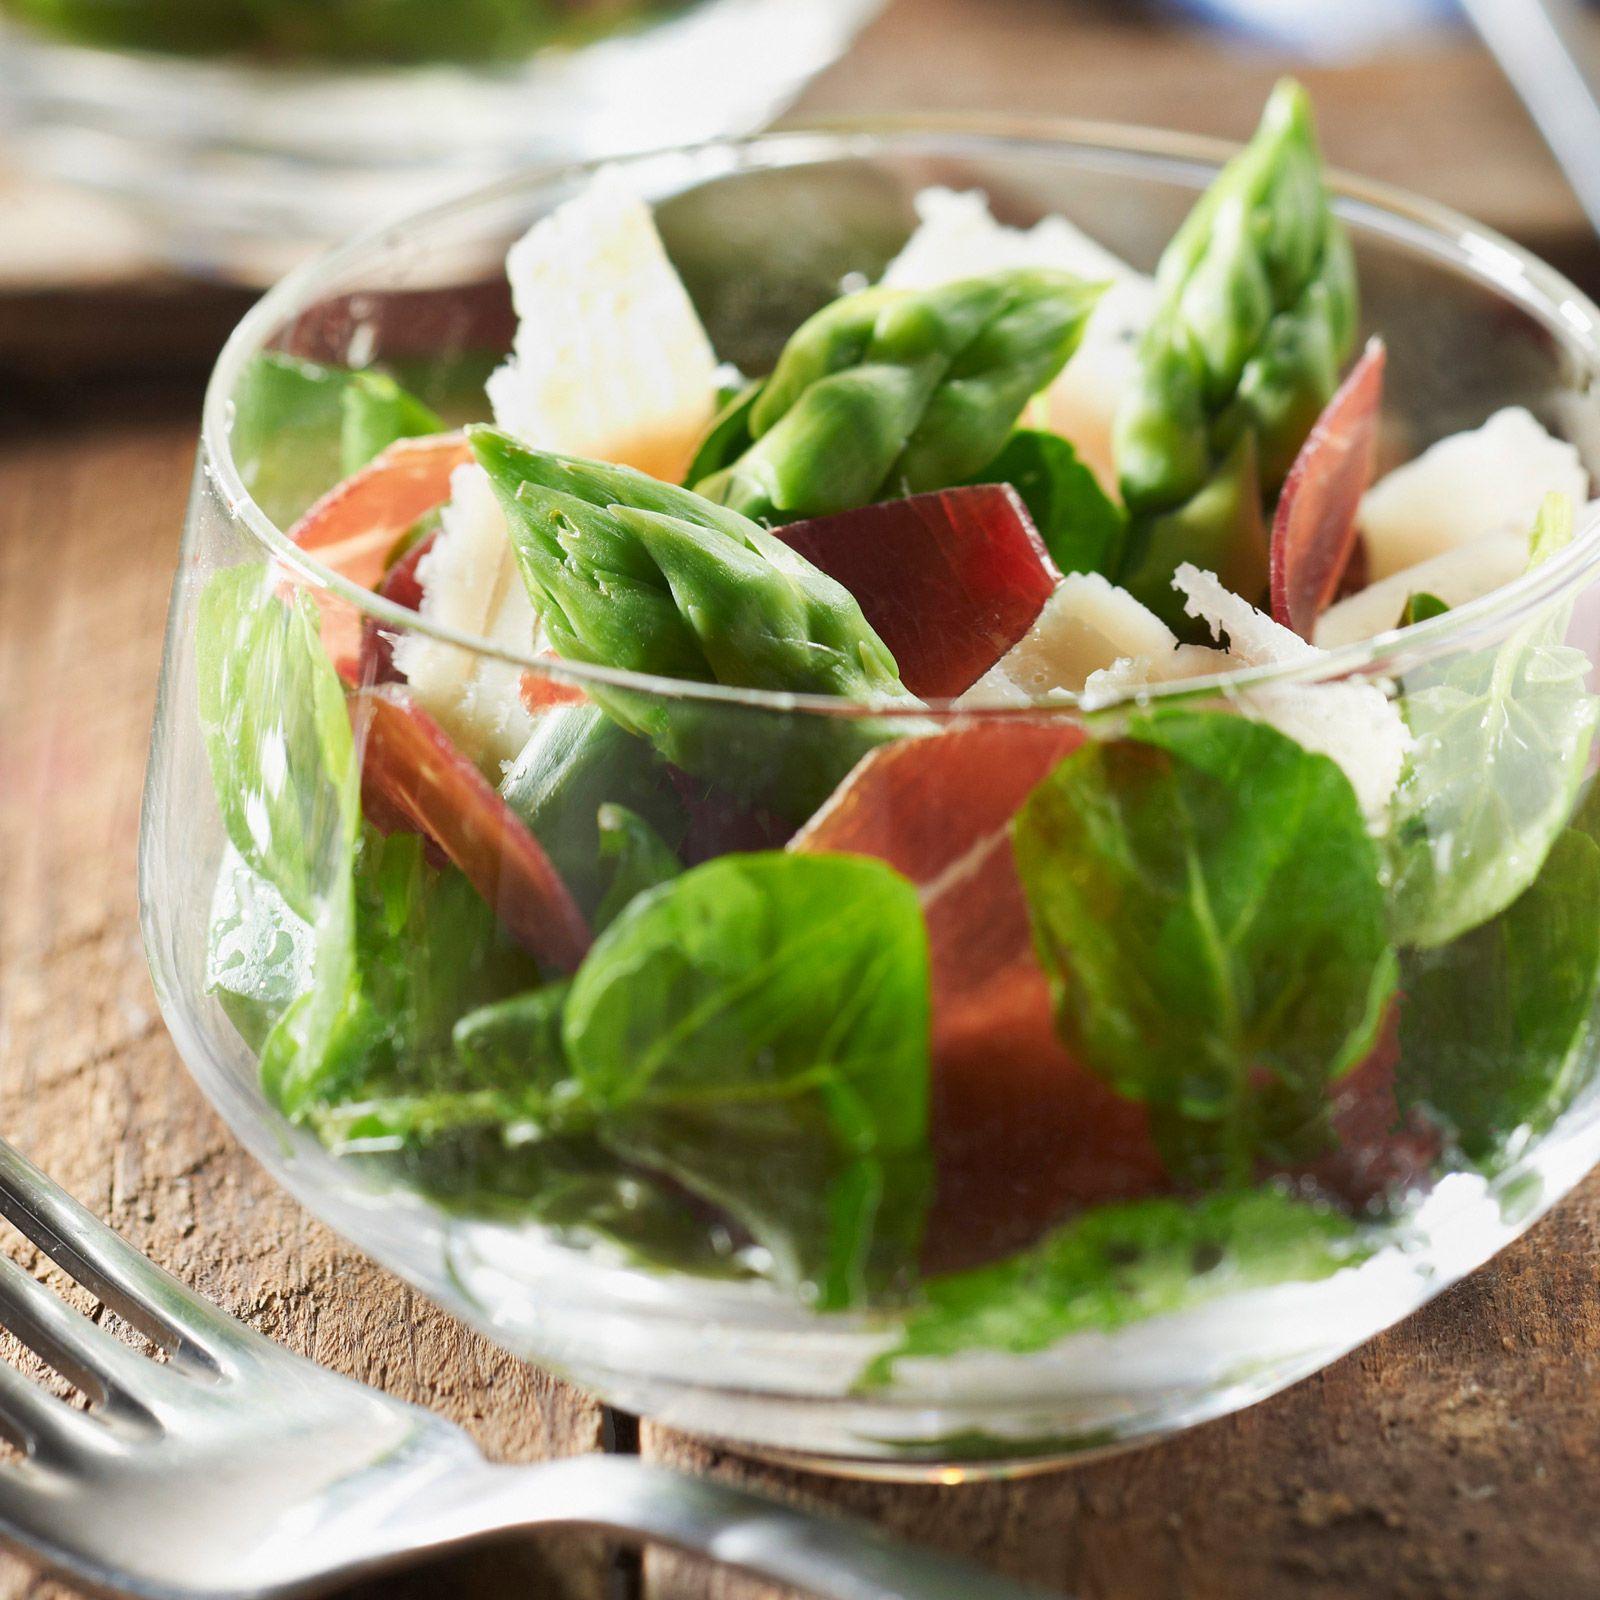 Salade de cresson asperges vertes jambon cru et parmesan recette salades d 39 automne et d - Cuisiner les asperges vertes ...